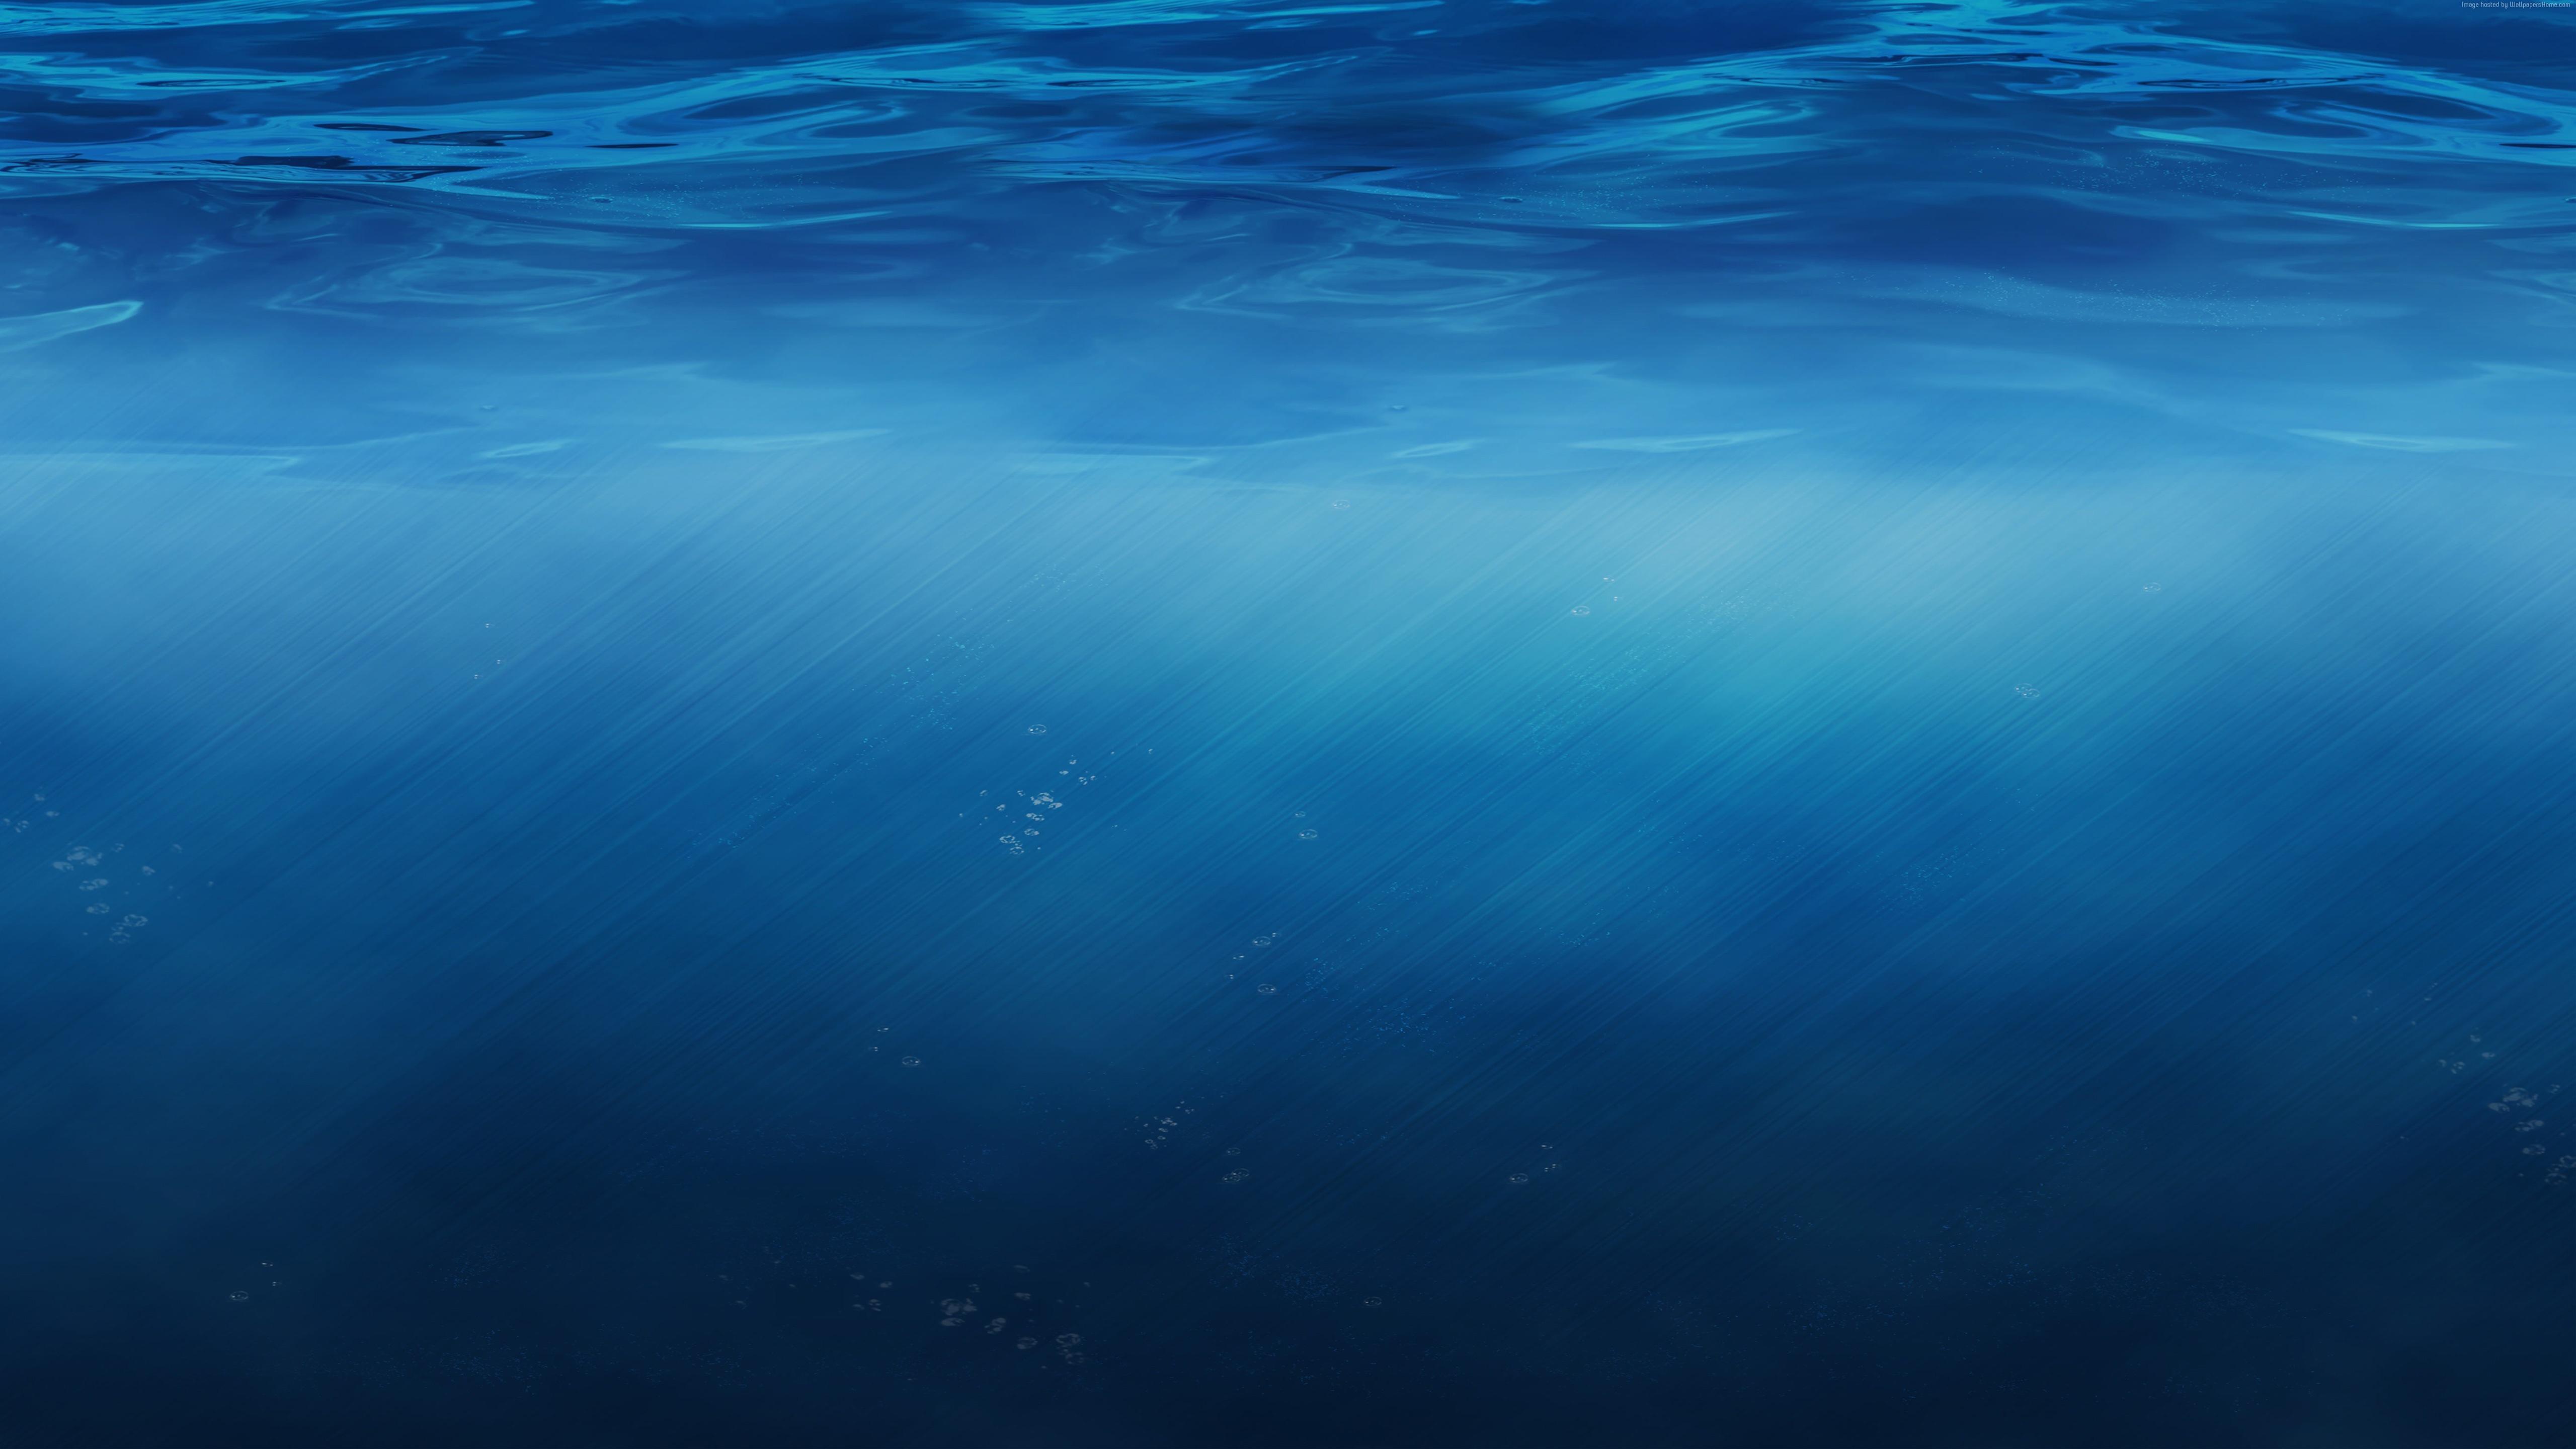 Underwater 5K Wallpapers HD Wallpapers 5120x2880